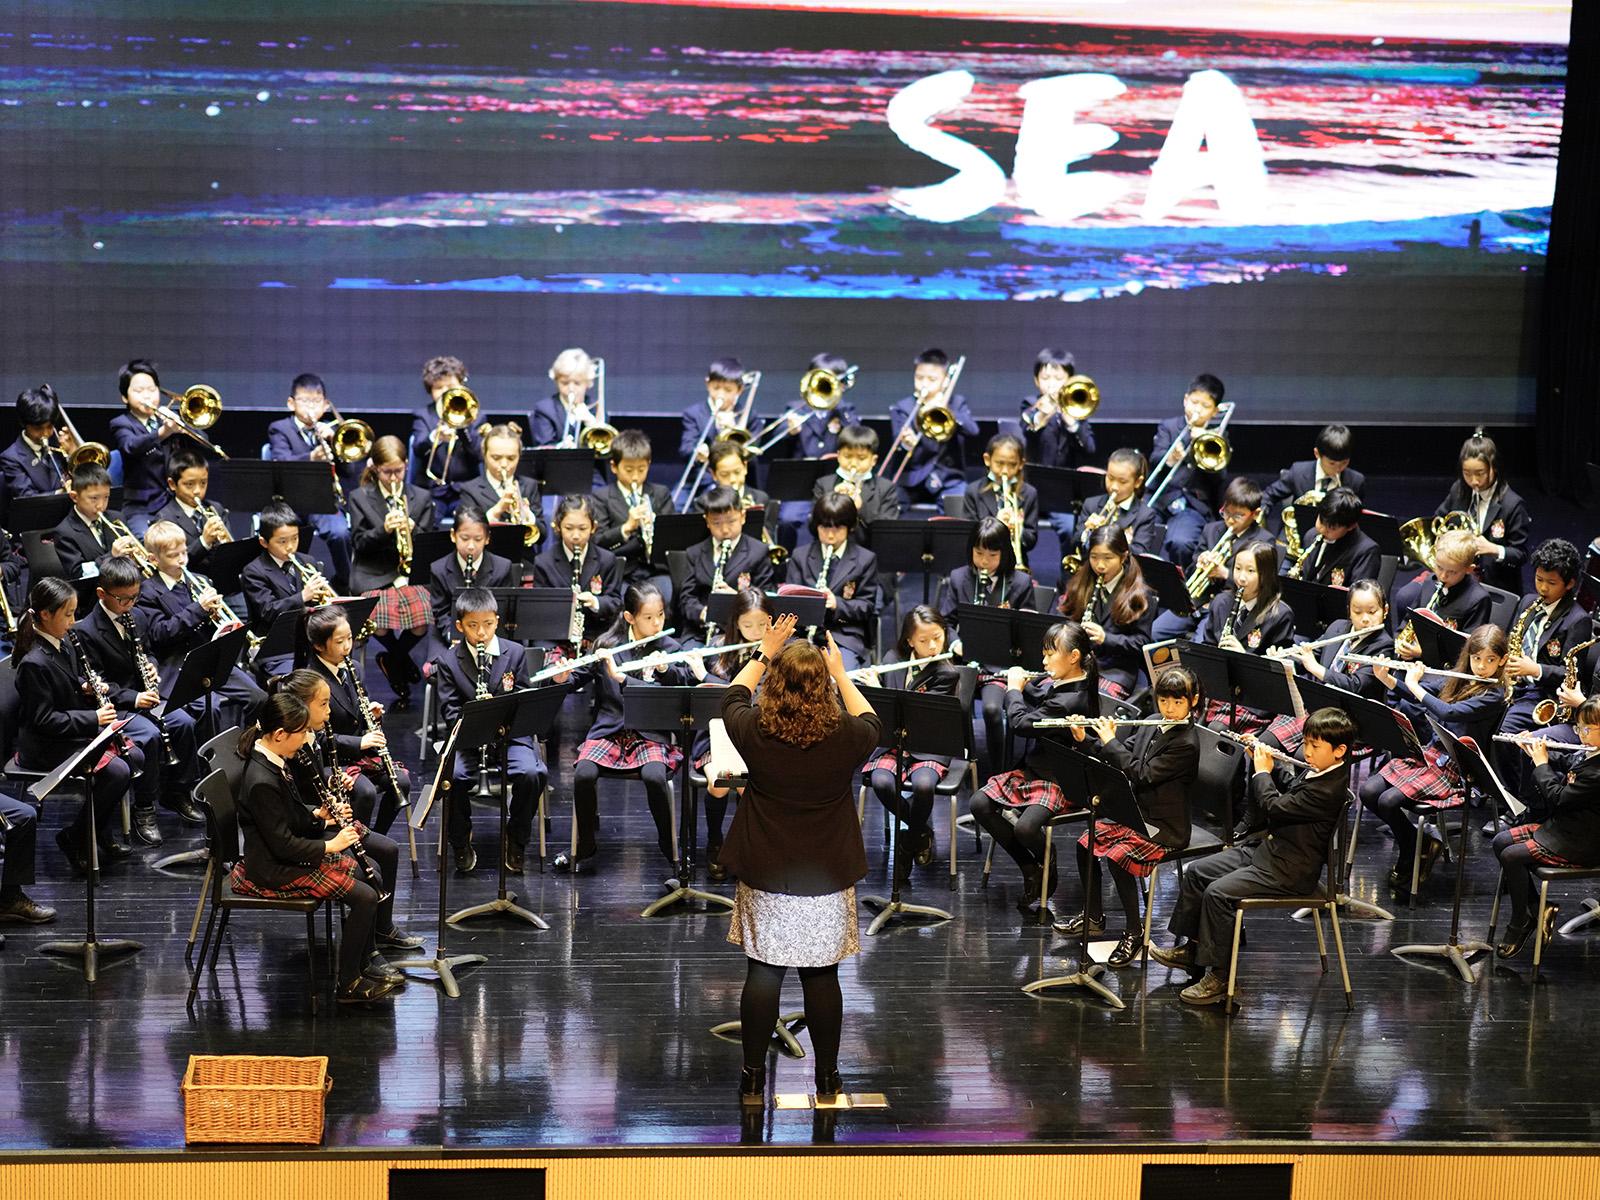 Rachel 在上海浦东德威五、六年级的乐团音乐会指挥